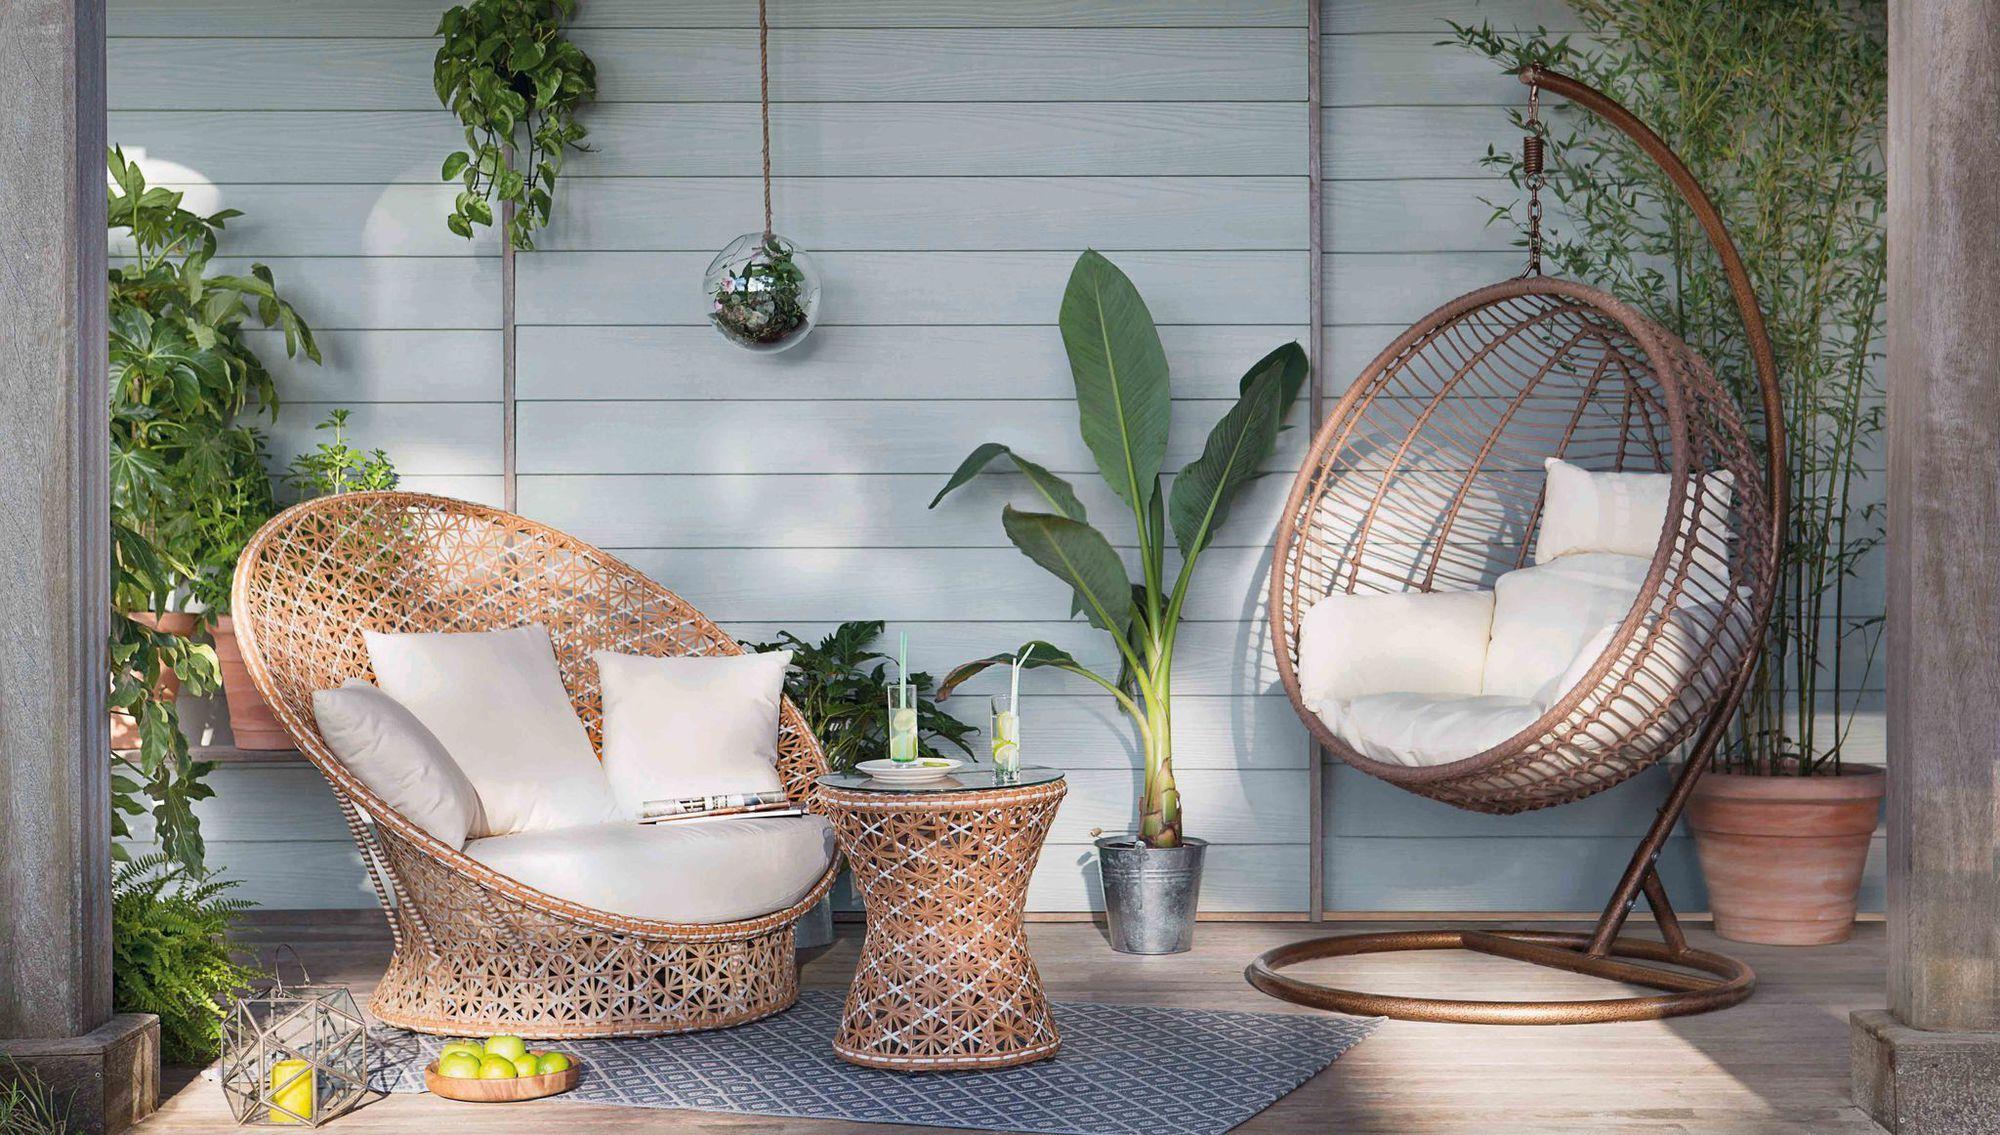 Déco Jardin : Ambiance Lounge Et Cosy   Balkong Design ... pour Loveuse Jardin